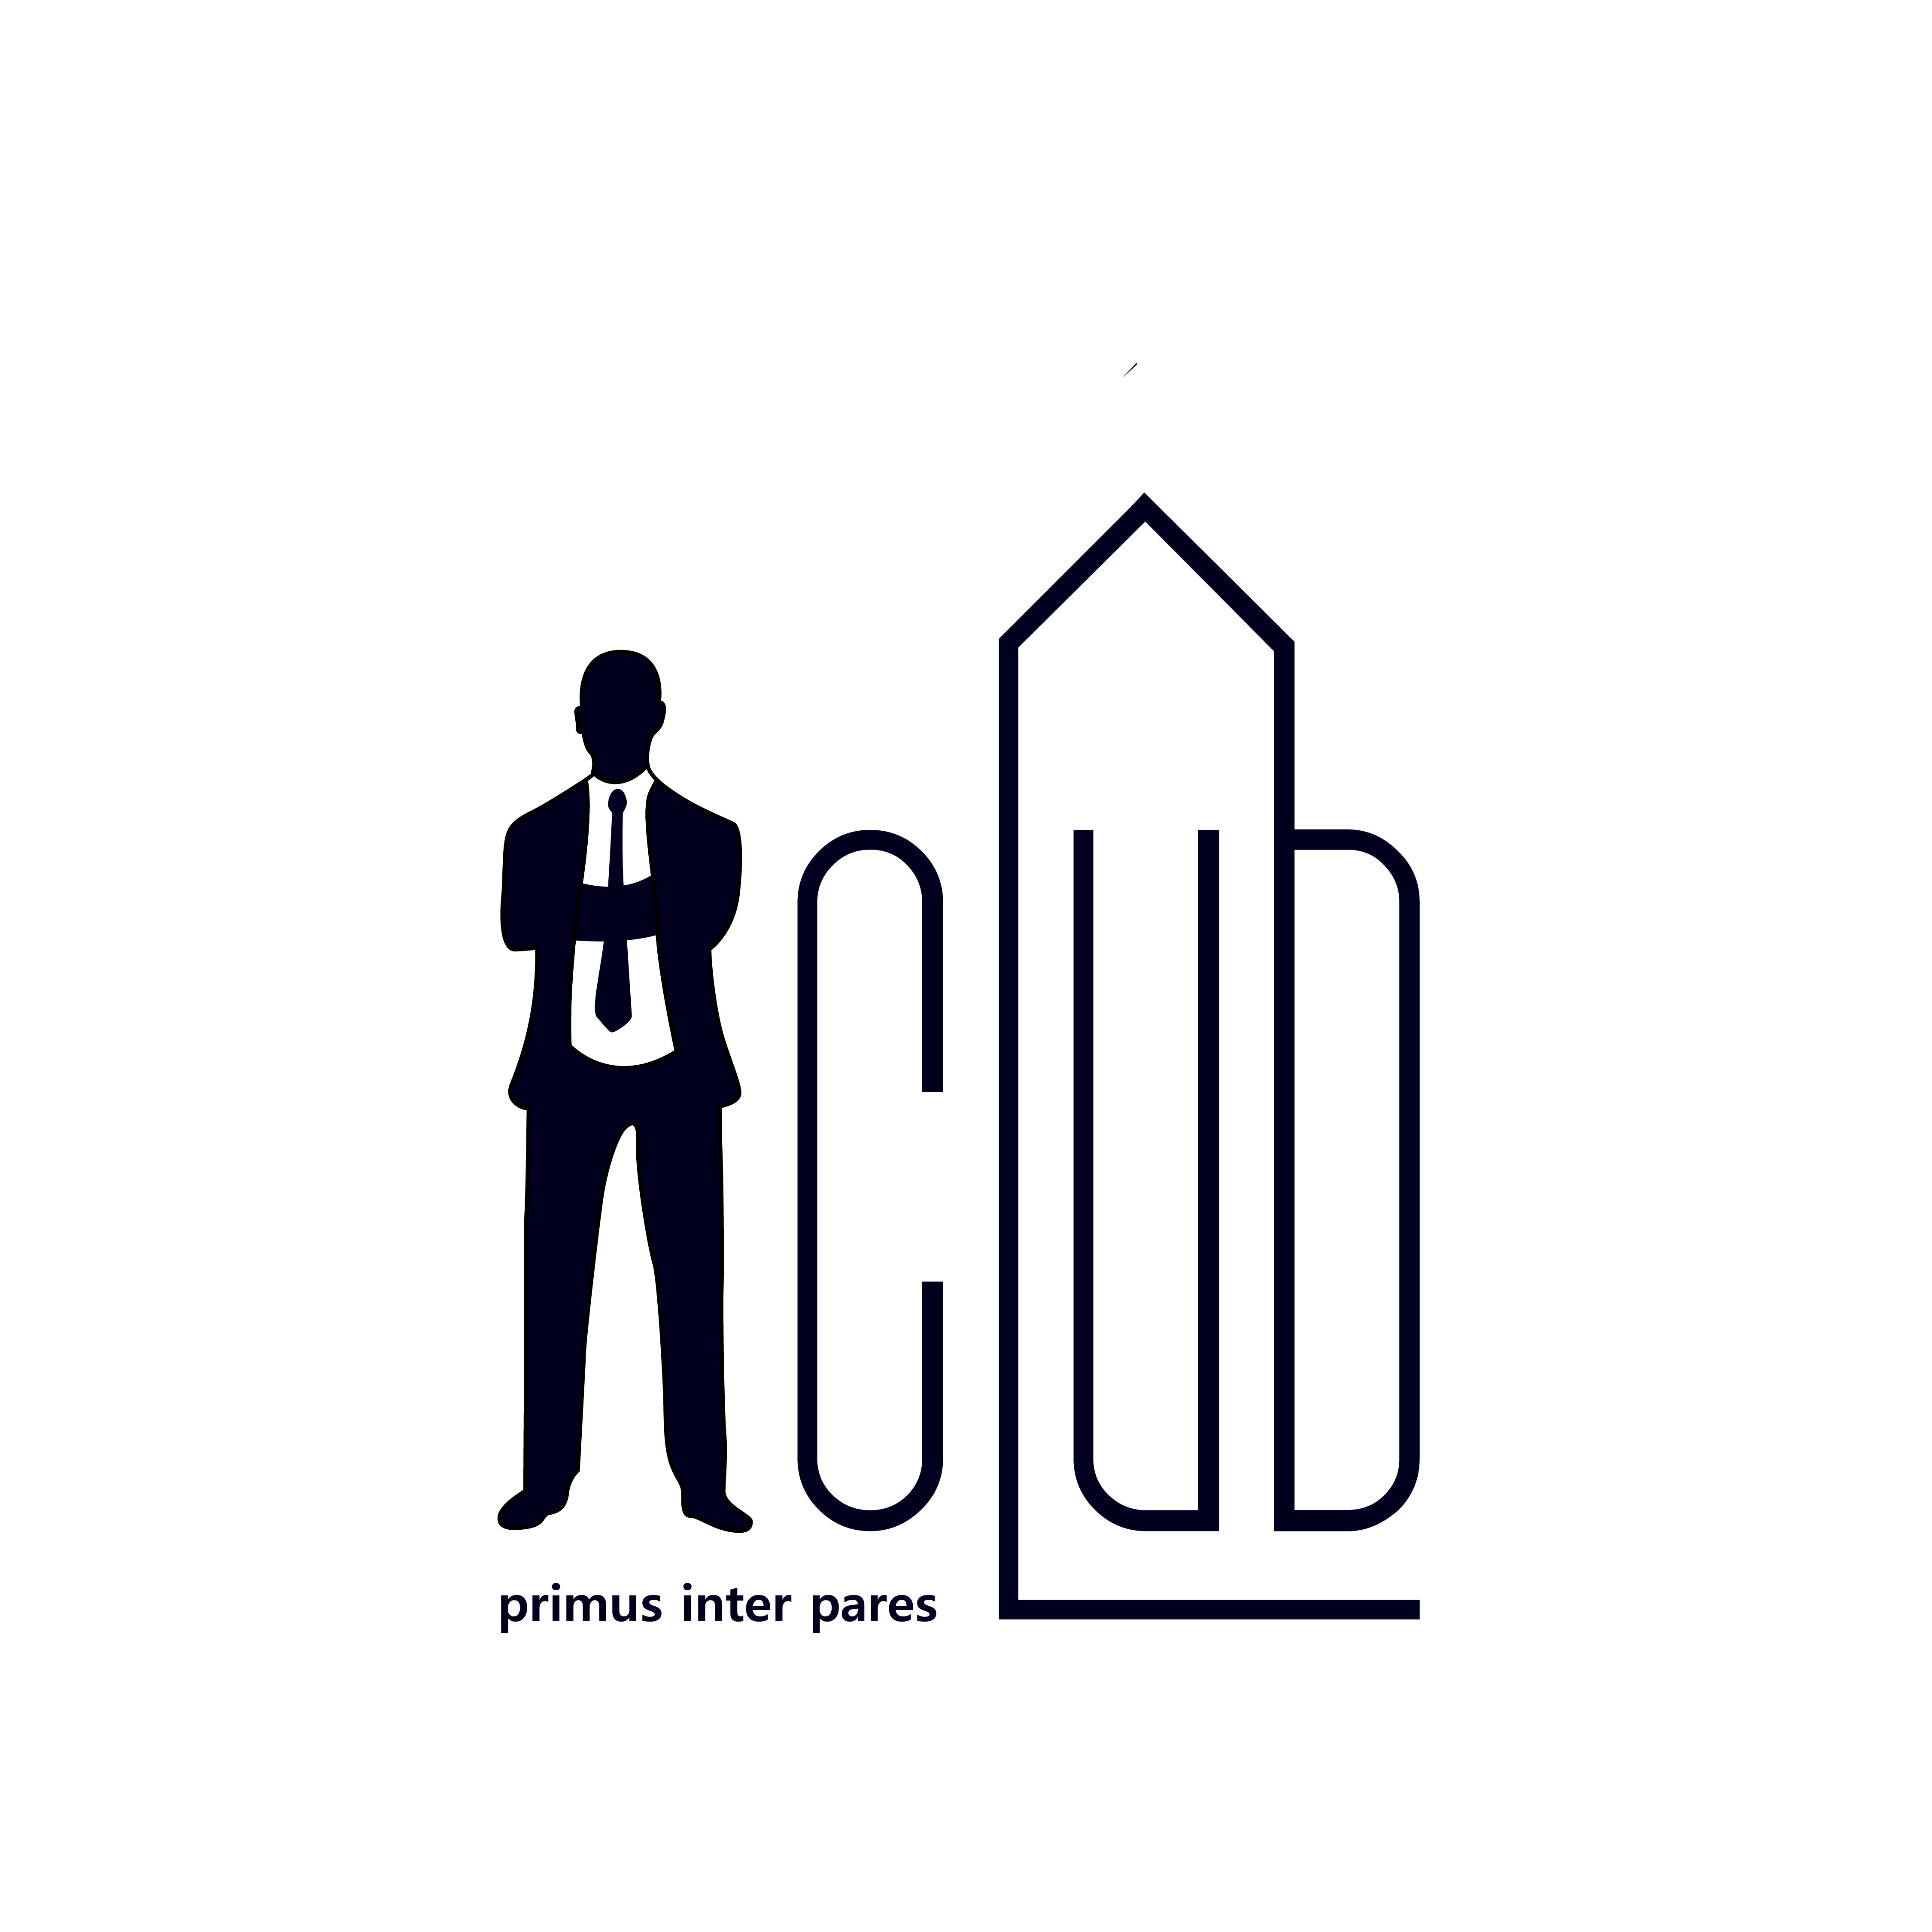 Логотип делового клуба фото f_2365f88415e90160.jpg